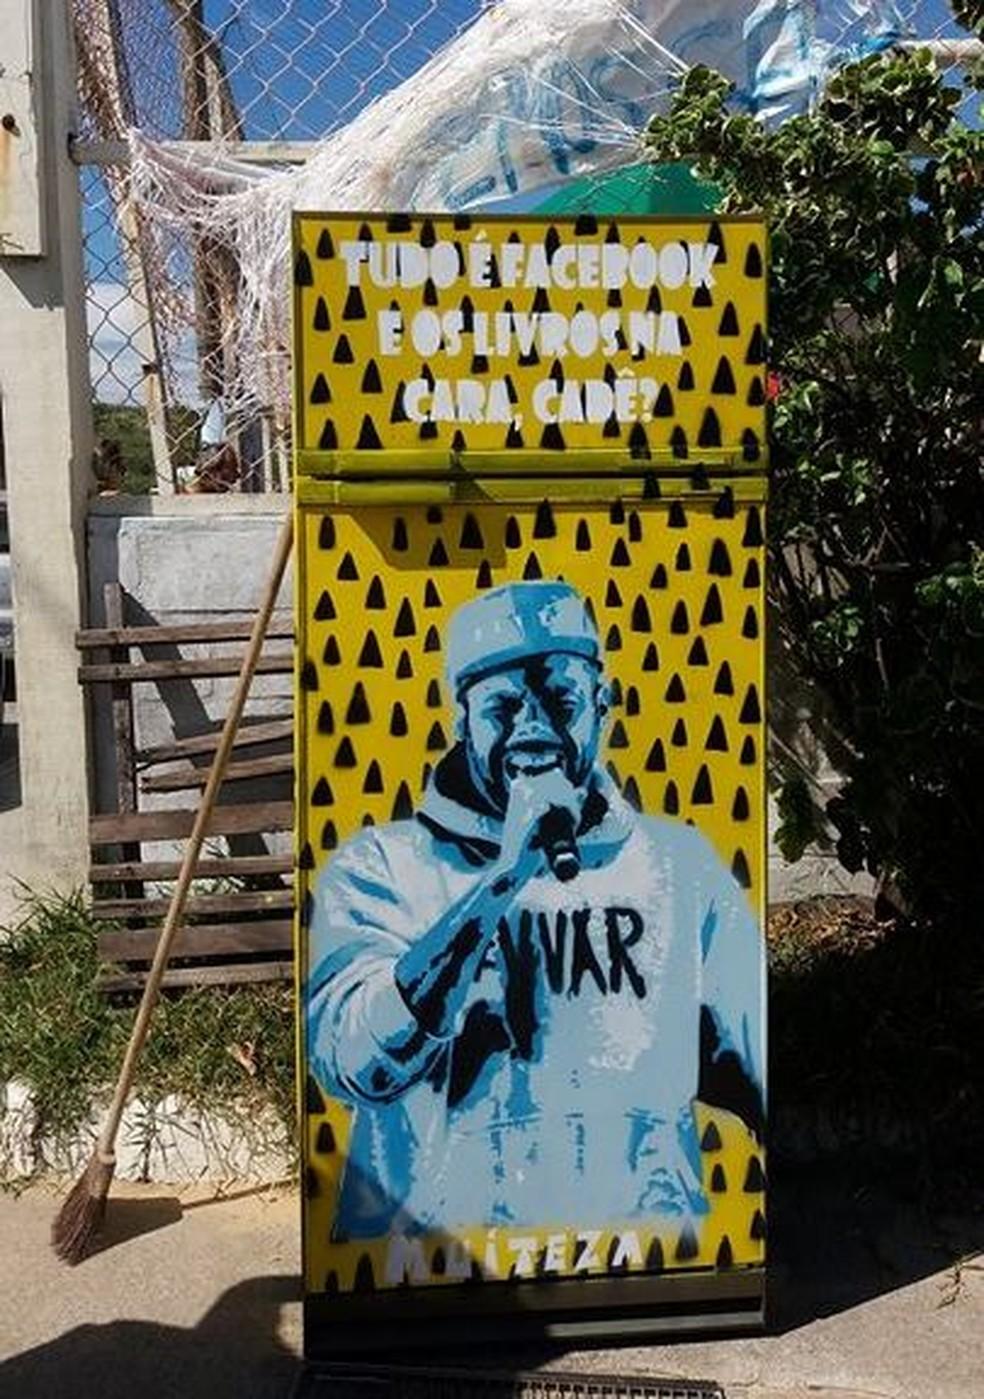 Geladeiras personalizadas têm atraído a atenção dos moradores de Rio das Ostras, no RJ (Foto: Divulgação/Grave Coletivo)